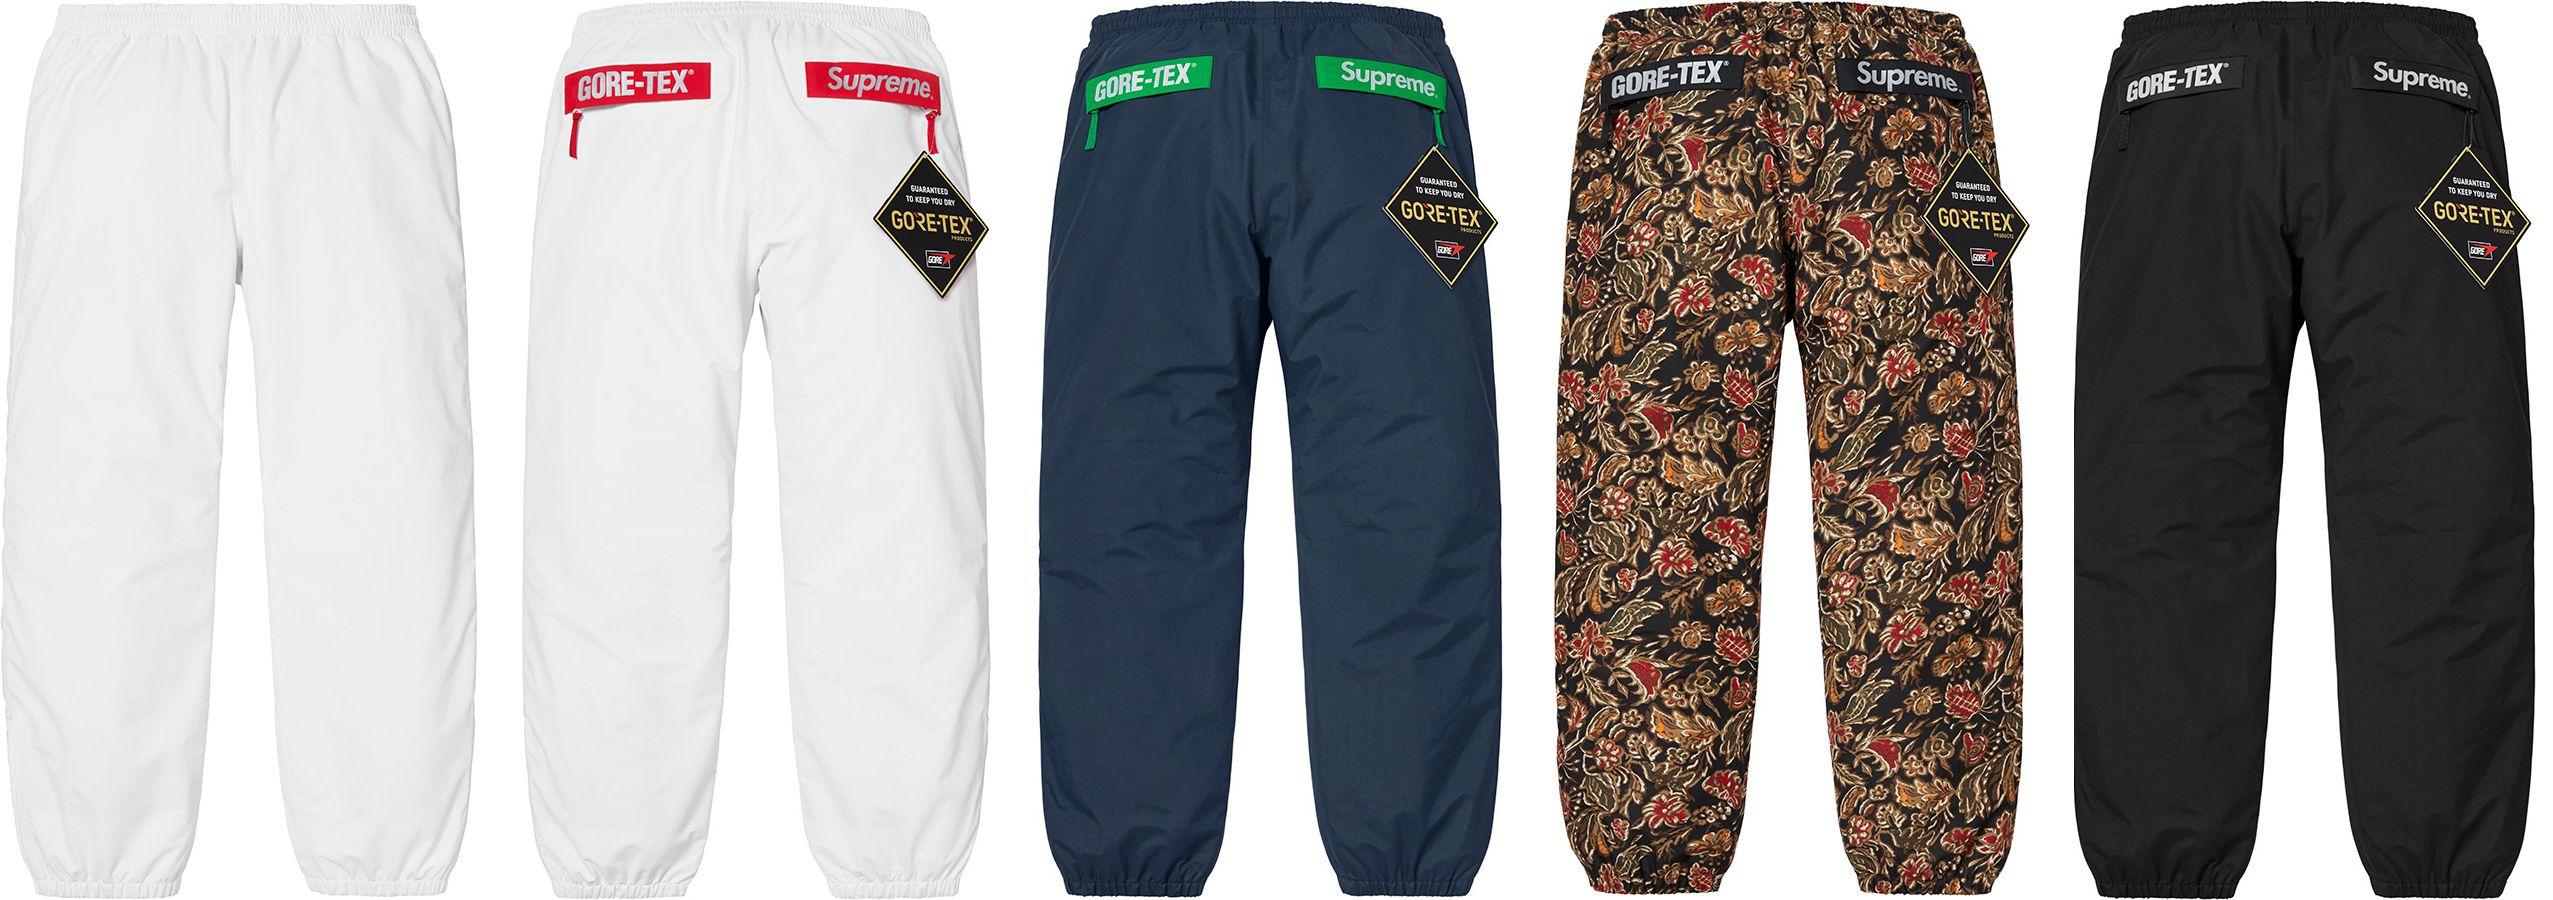 Supreme Gore Tex Pant Pants Fashion